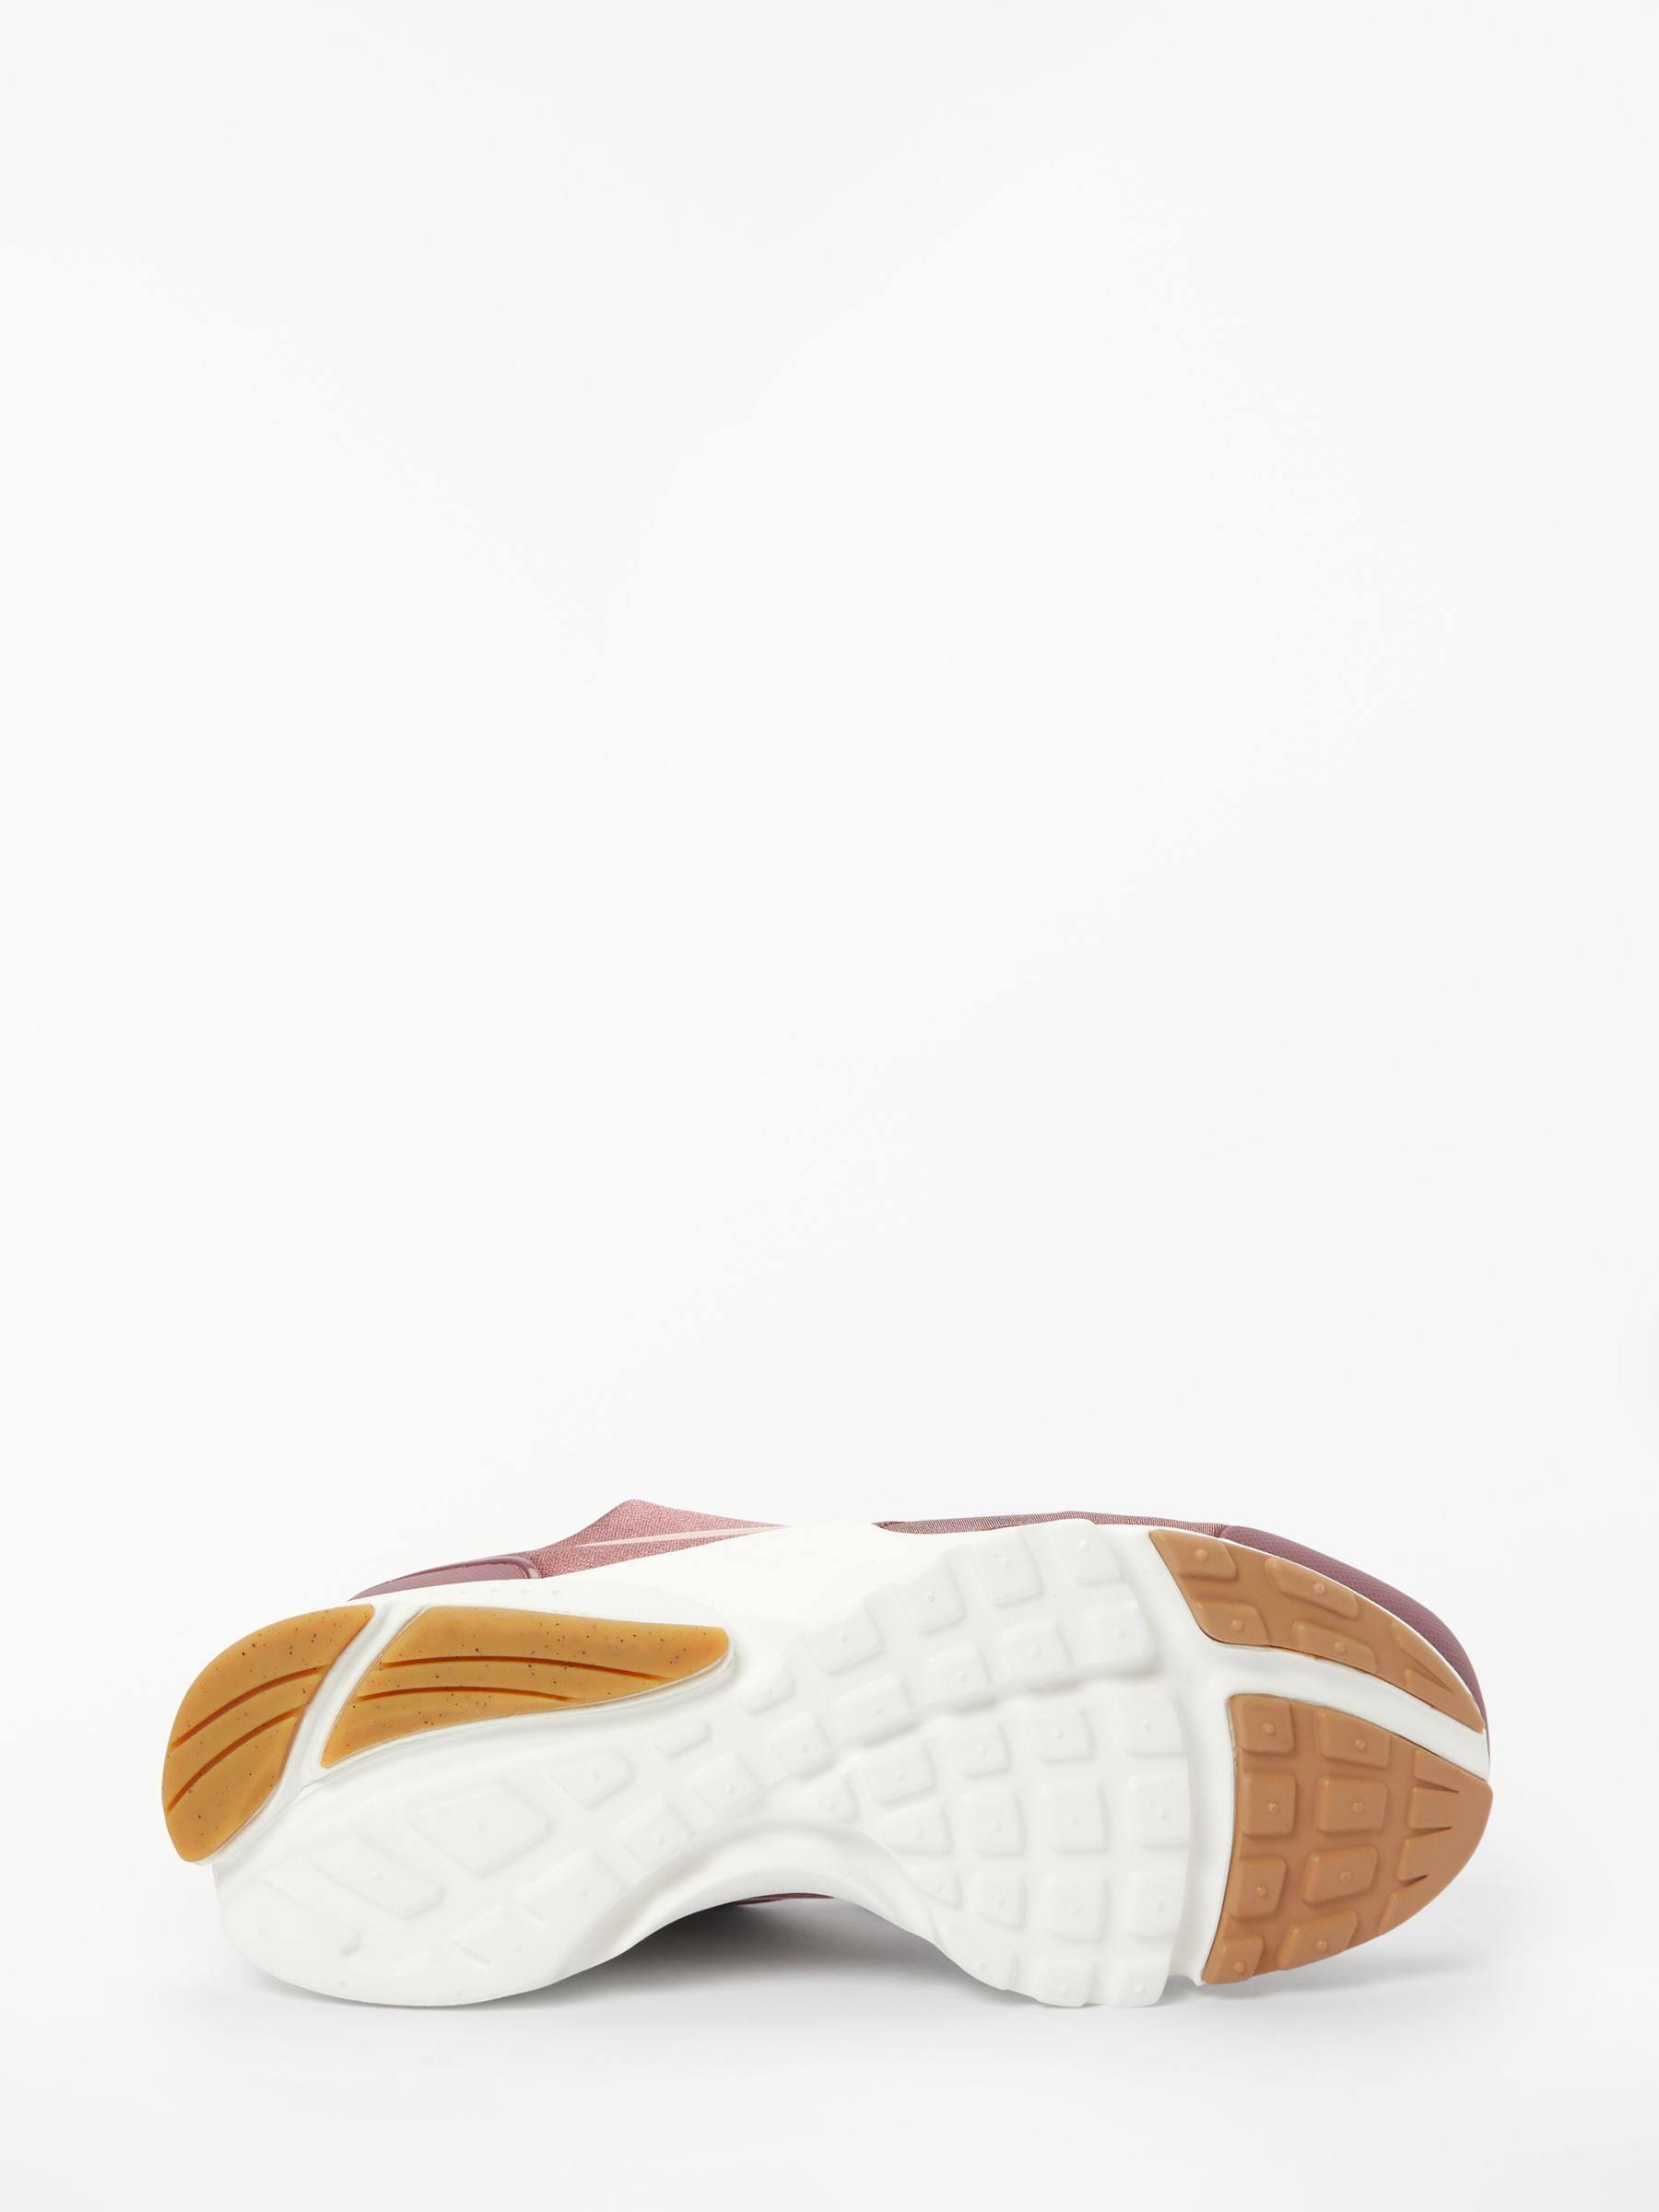 Fly Size white Presto Mauve Mauve white Women Nike Mauve 8 FfHPSx